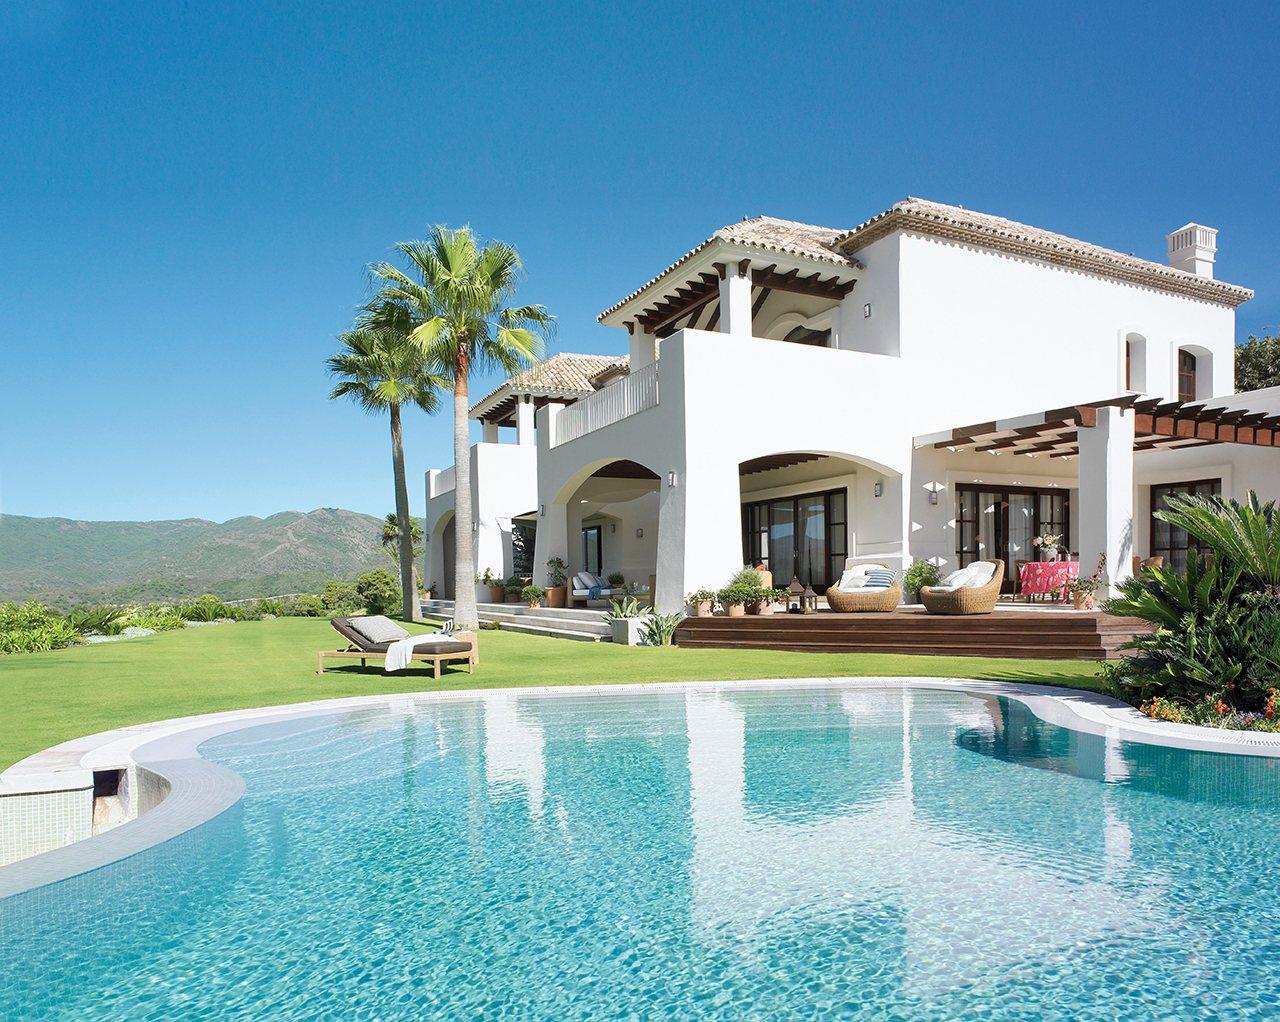 Piscinas Casas Con Piscina Y Jardines Elmueble